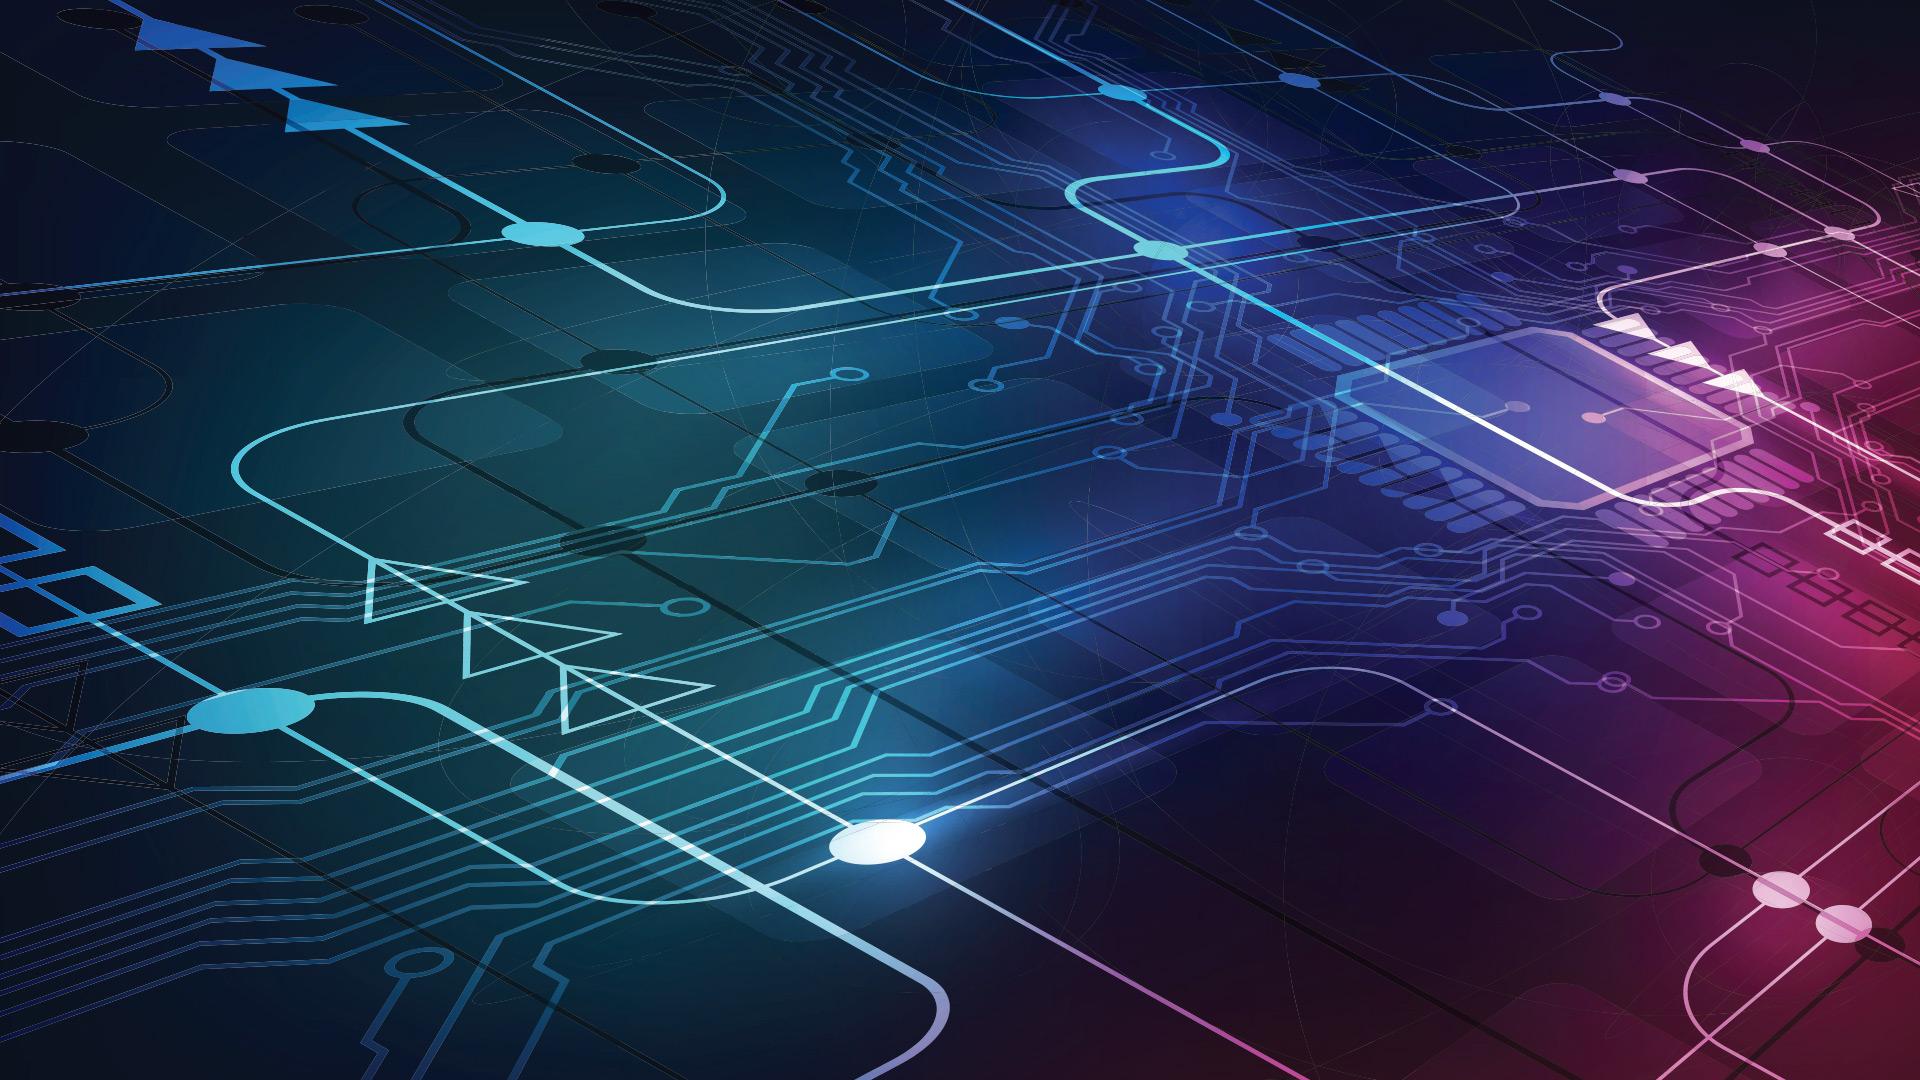 Carte de circuit imprimé sur lequel sont superposées des flèches directionnelles